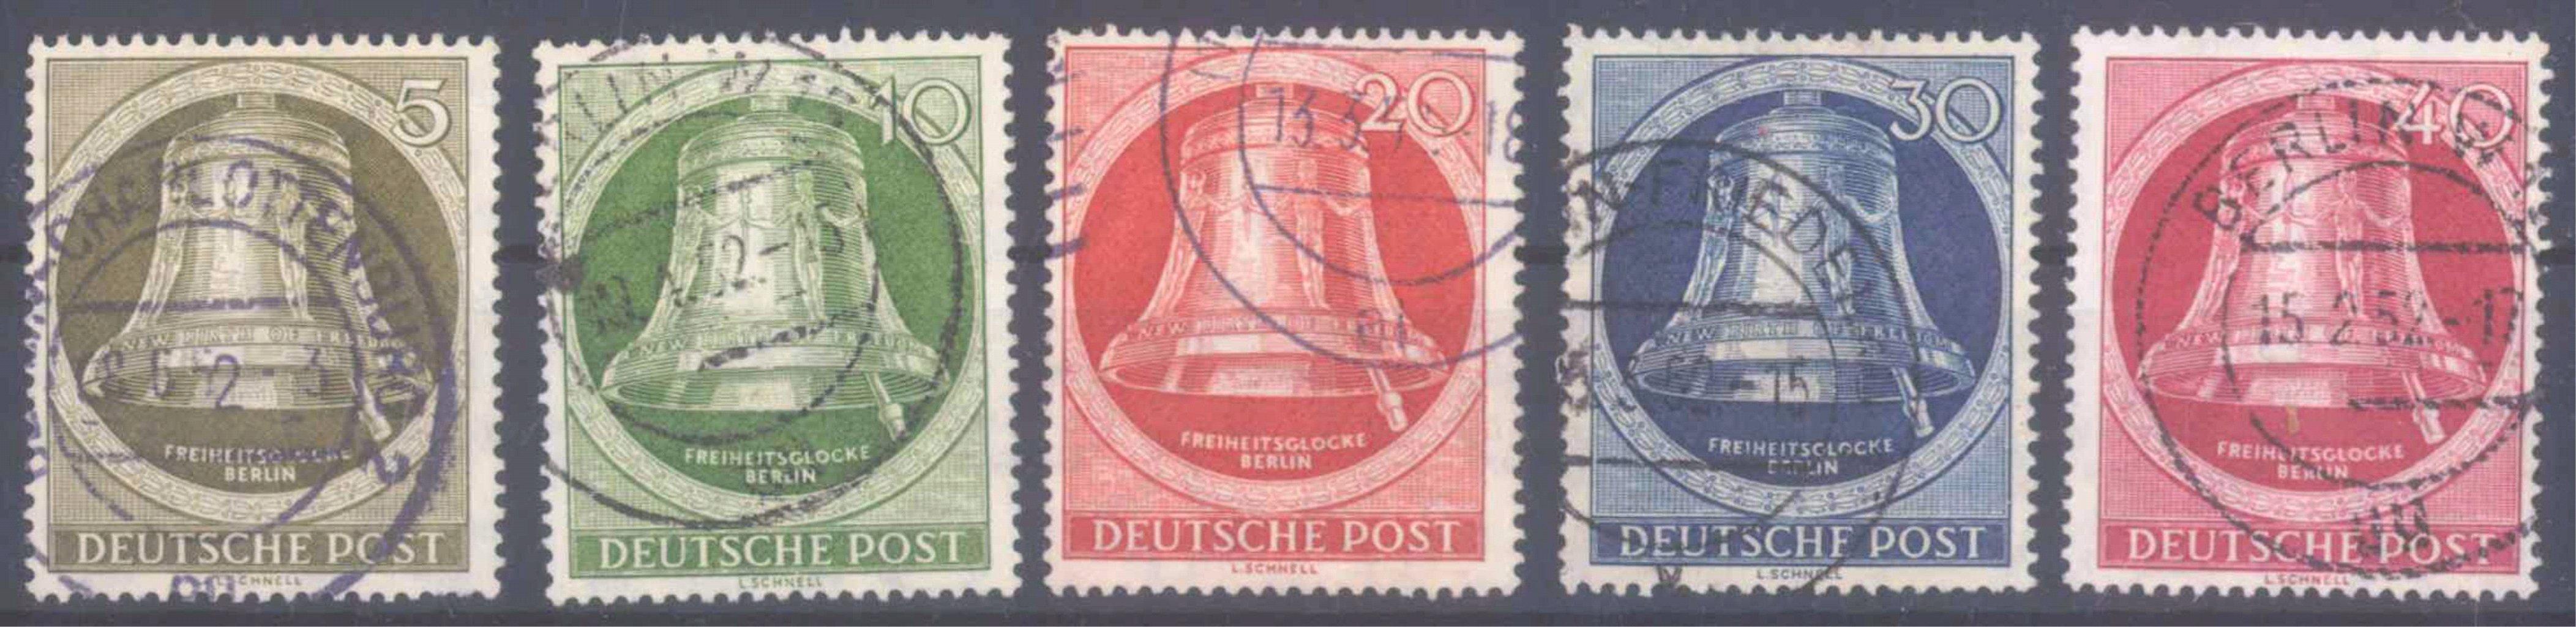 Berlin Freiheitsglocke, Klöppel rechts, Mi 82-86